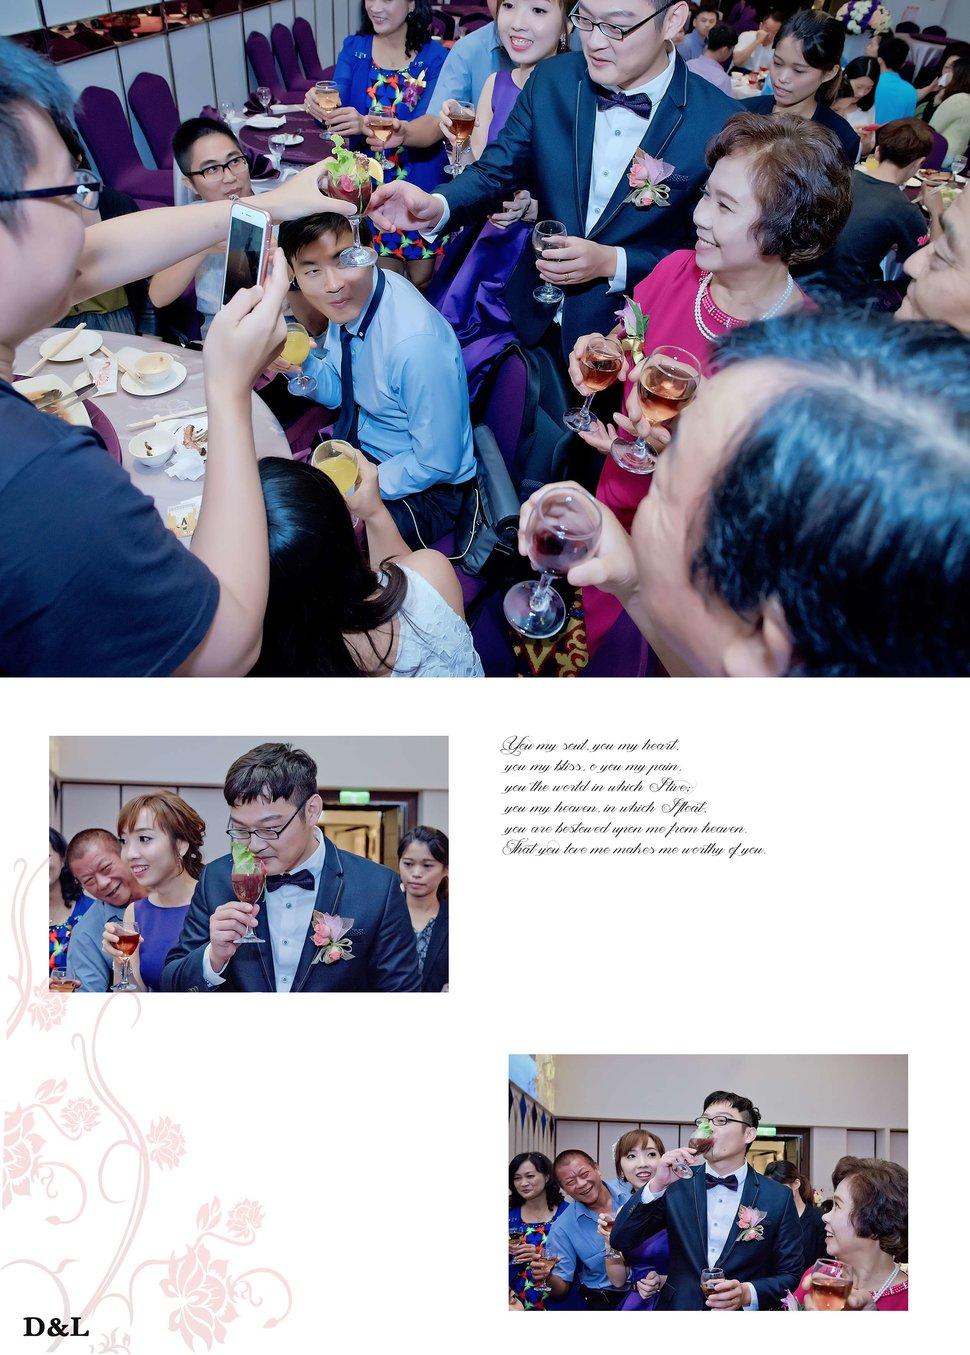 台中婚攝 婚禮紀錄 嘉捷&莉卿-臻愛婚宴會館豐原(編號:300052) - D&L 婚禮事務-婚紗攝影/婚禮記錄 - 結婚吧